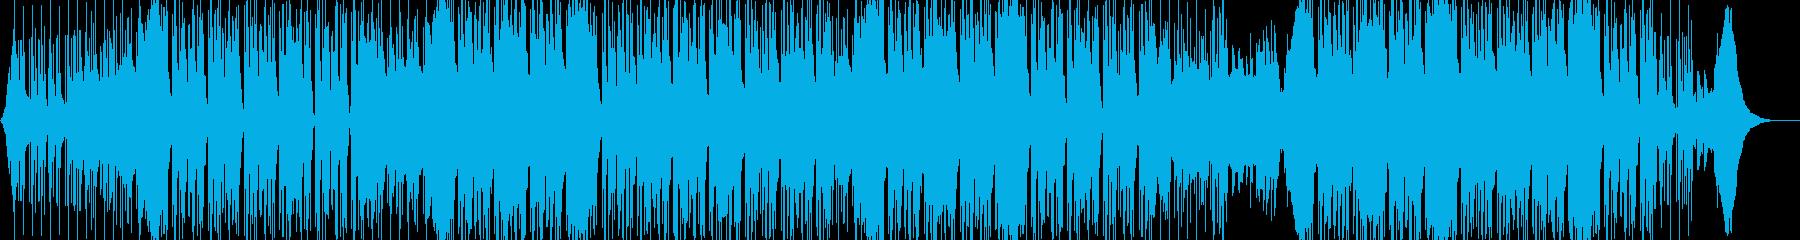 トラップ ヒップホップ 神経質 燃...の再生済みの波形